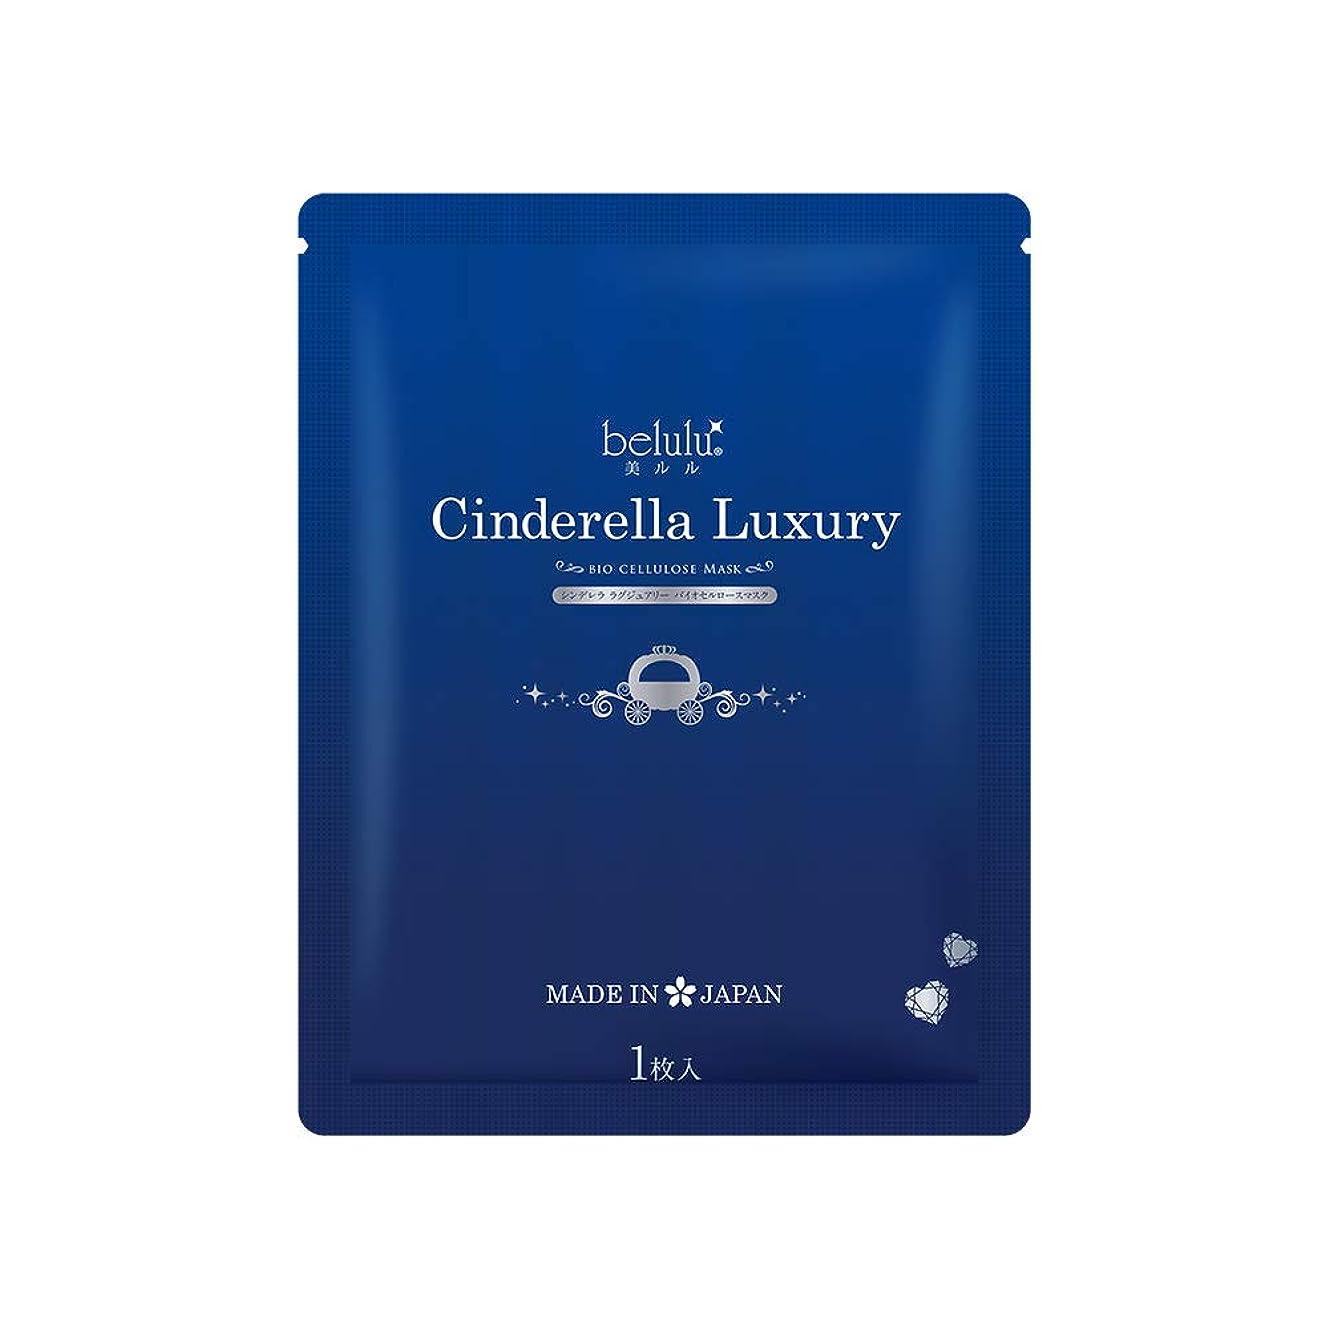 北東パーフェルビッドこねるフェイスマスク 美ルル シンデレラ ラグジュアリー パック 美白 保湿 美肌 日本製 belulu Cinderella Luxury